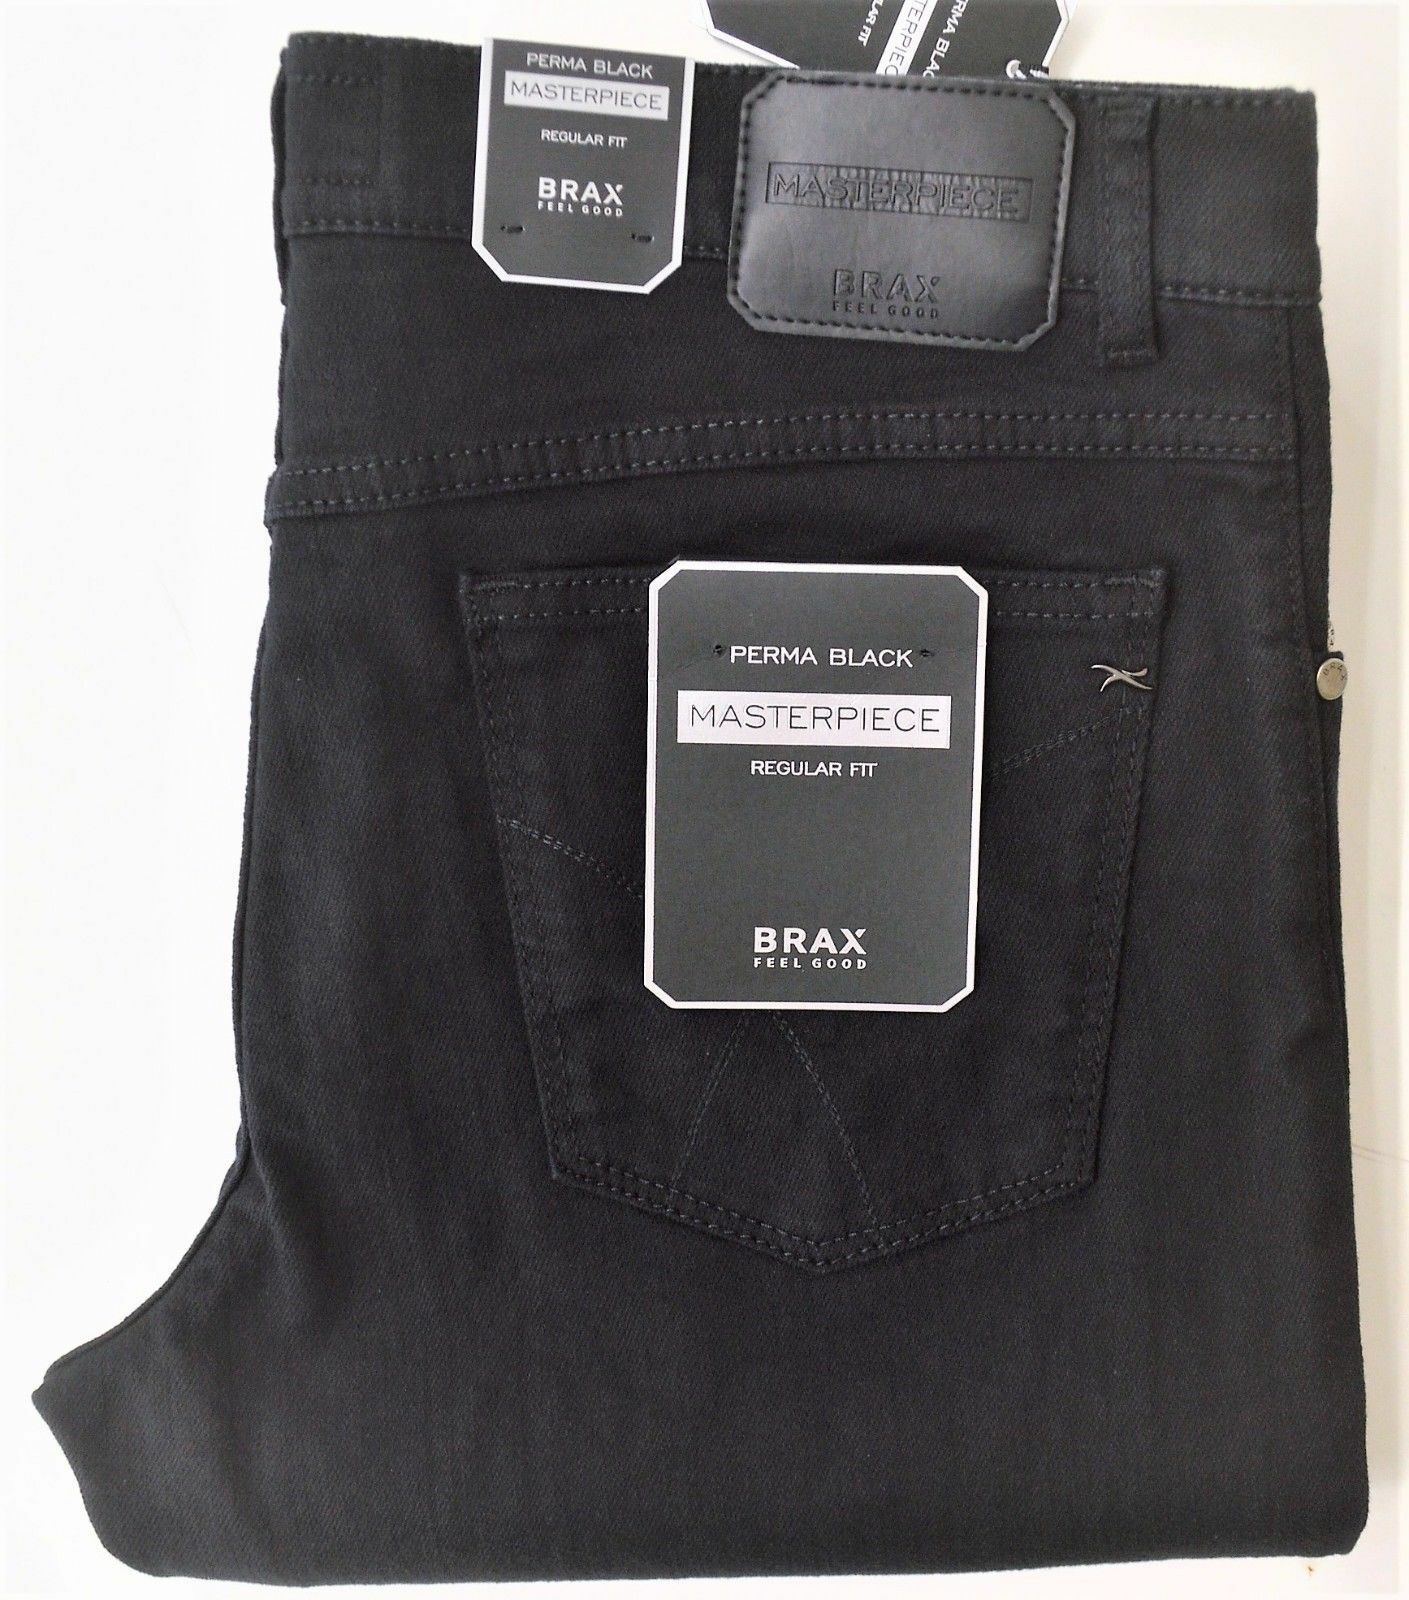 BRAX Cooper Masterpiece Masterpiece Masterpiece - modische Jeans in Perma schwarz Stretch Gr. wählbar 106cdd